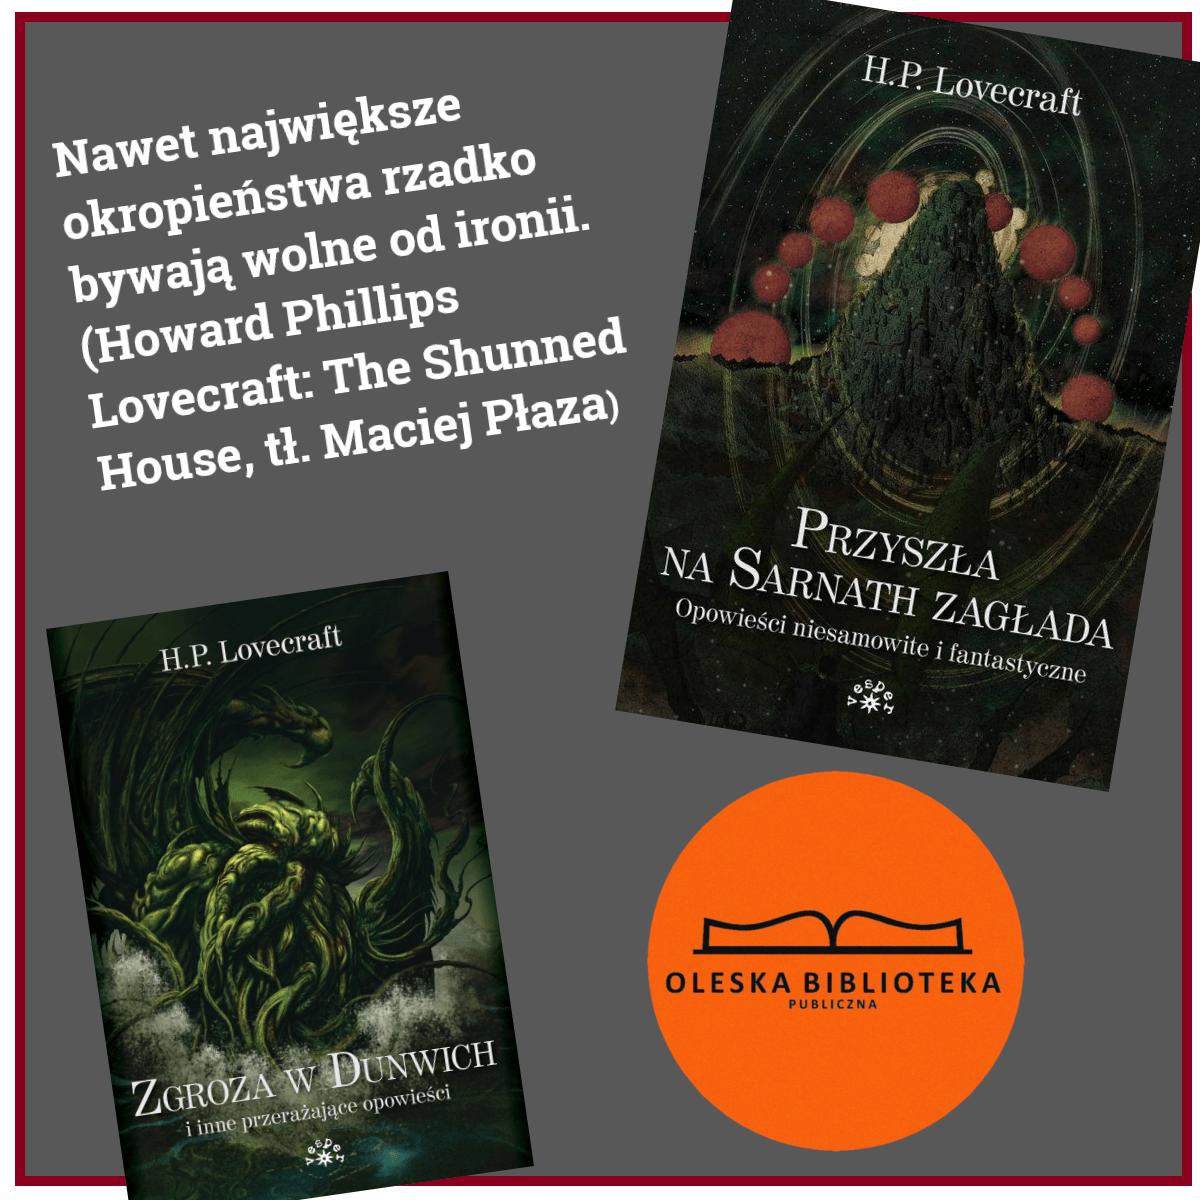 Nawet największe okropieństwa rzadko bywają wolne od ironii. (Howard Phillips Lovecraft: The Shunned House, tł. Maciej Płaza)